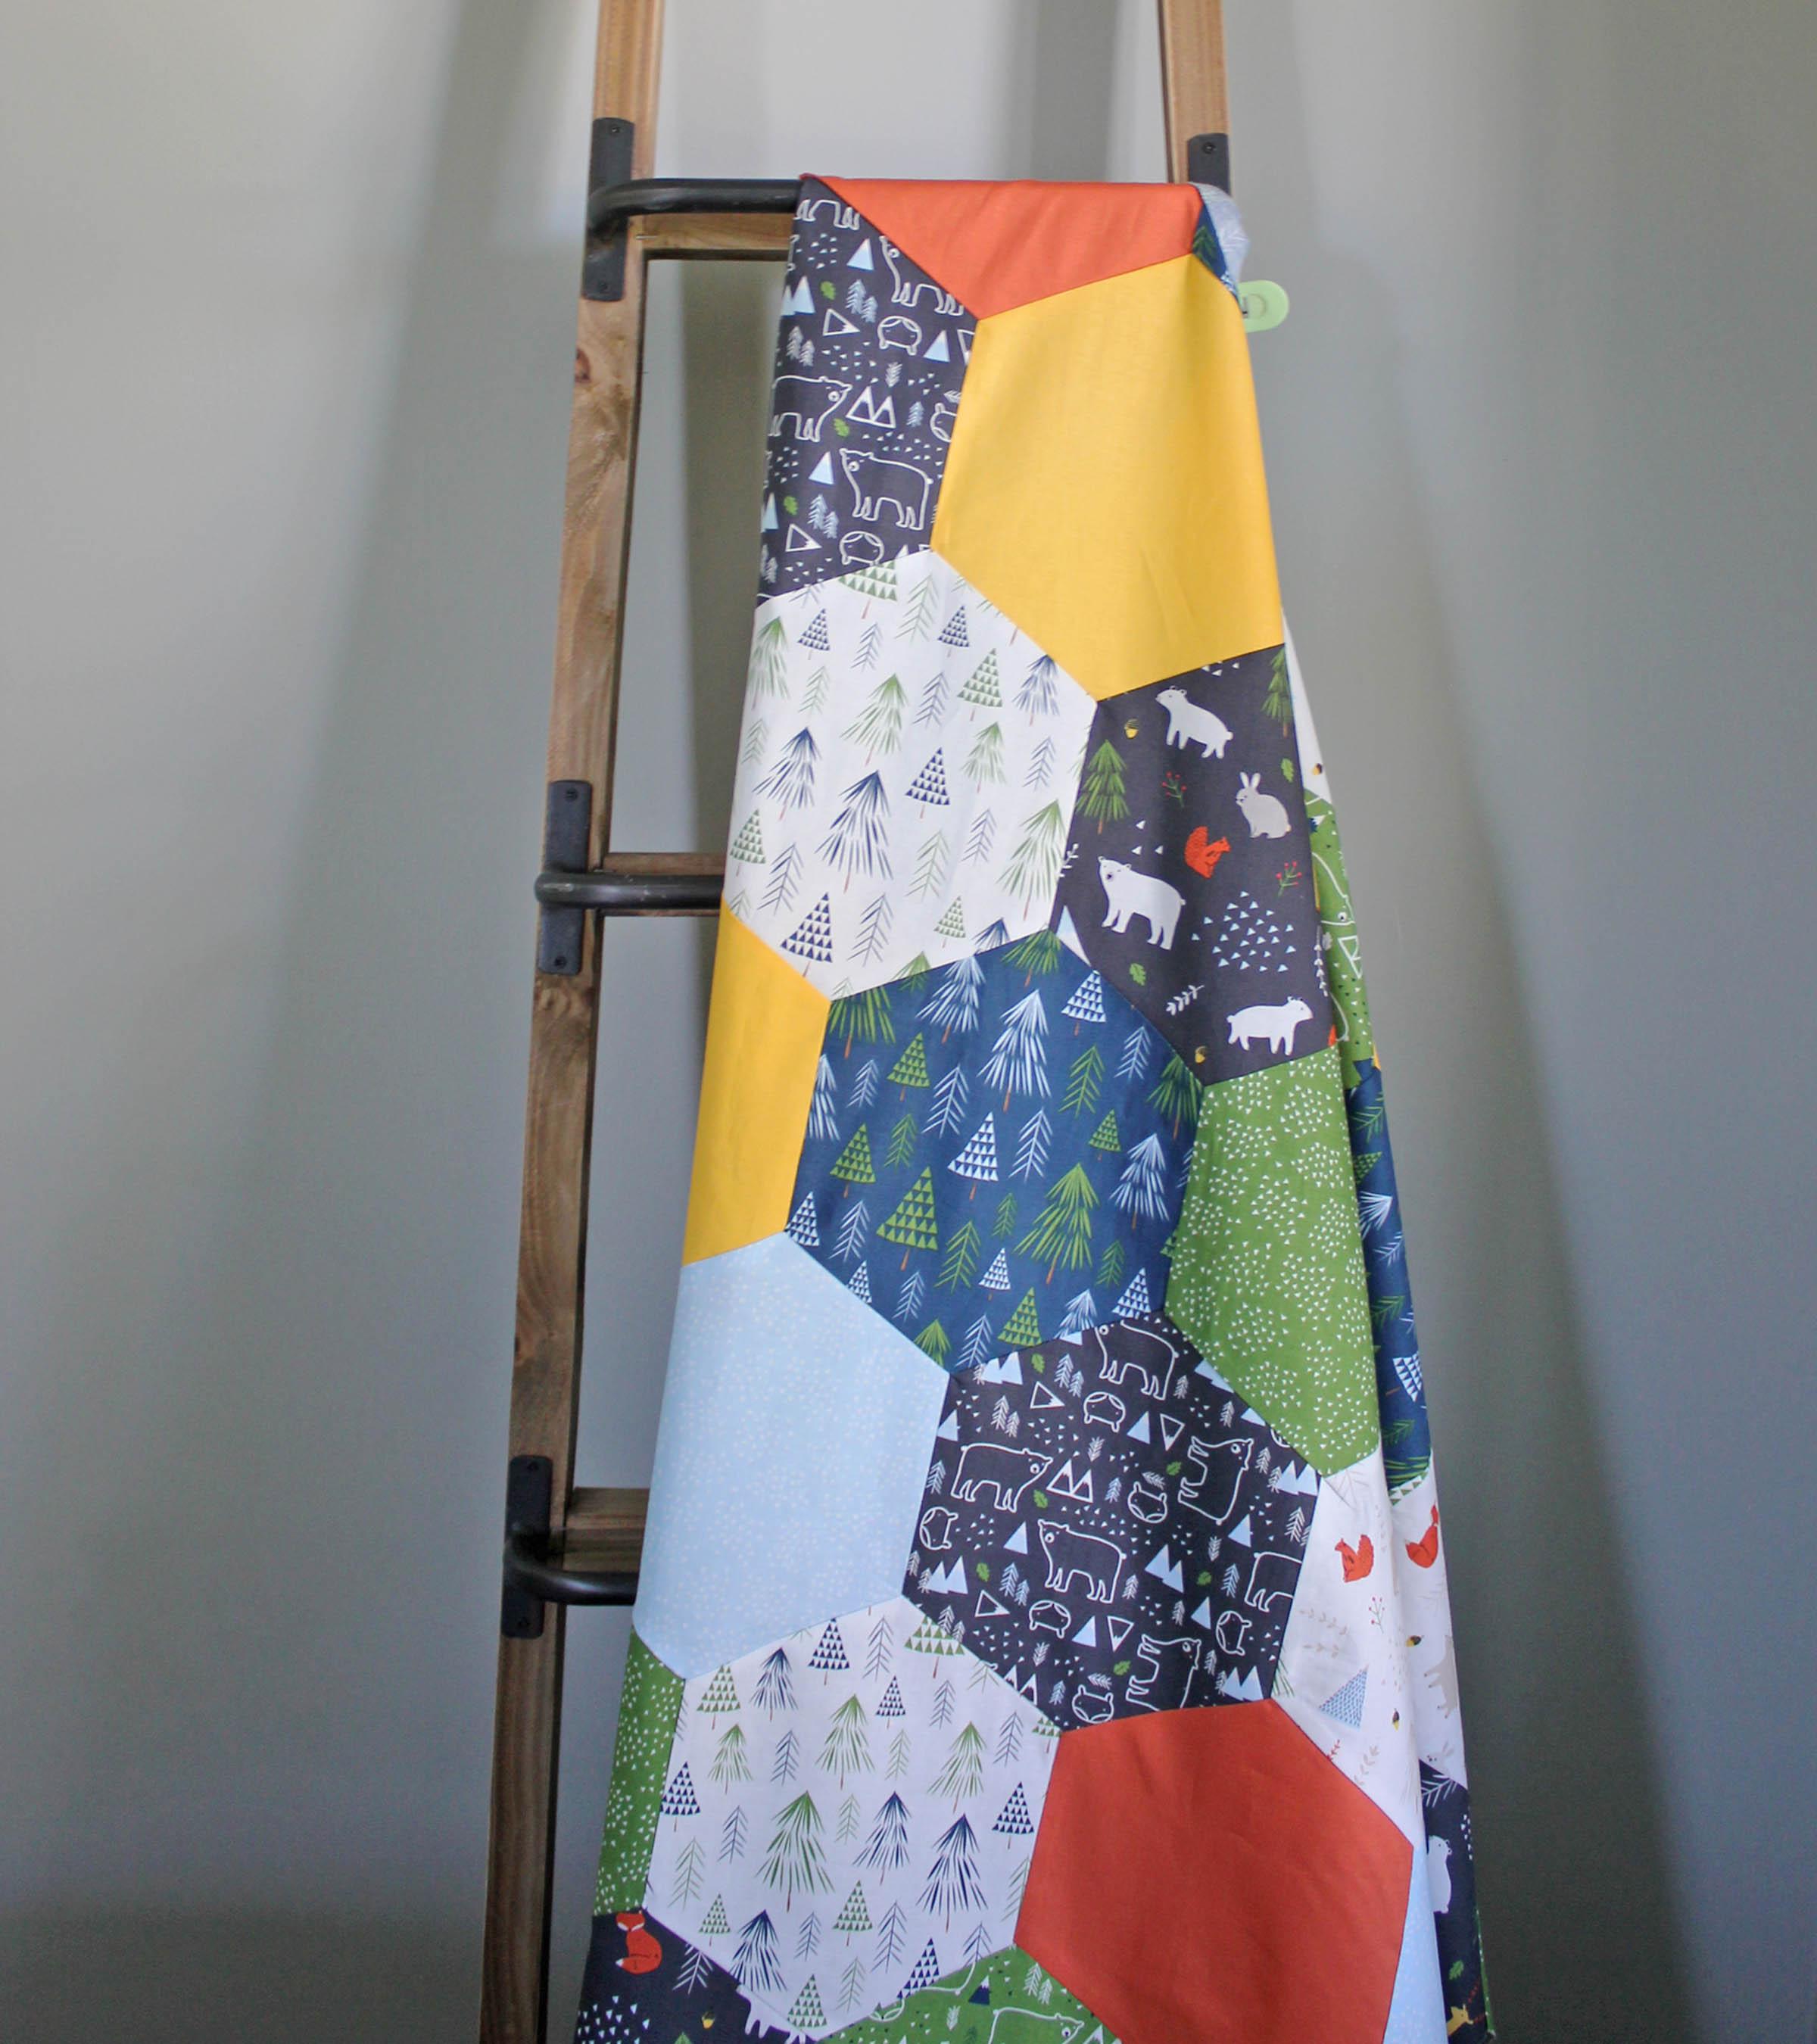 AccuQuilt Hexagon Quilt lifestyle ladder